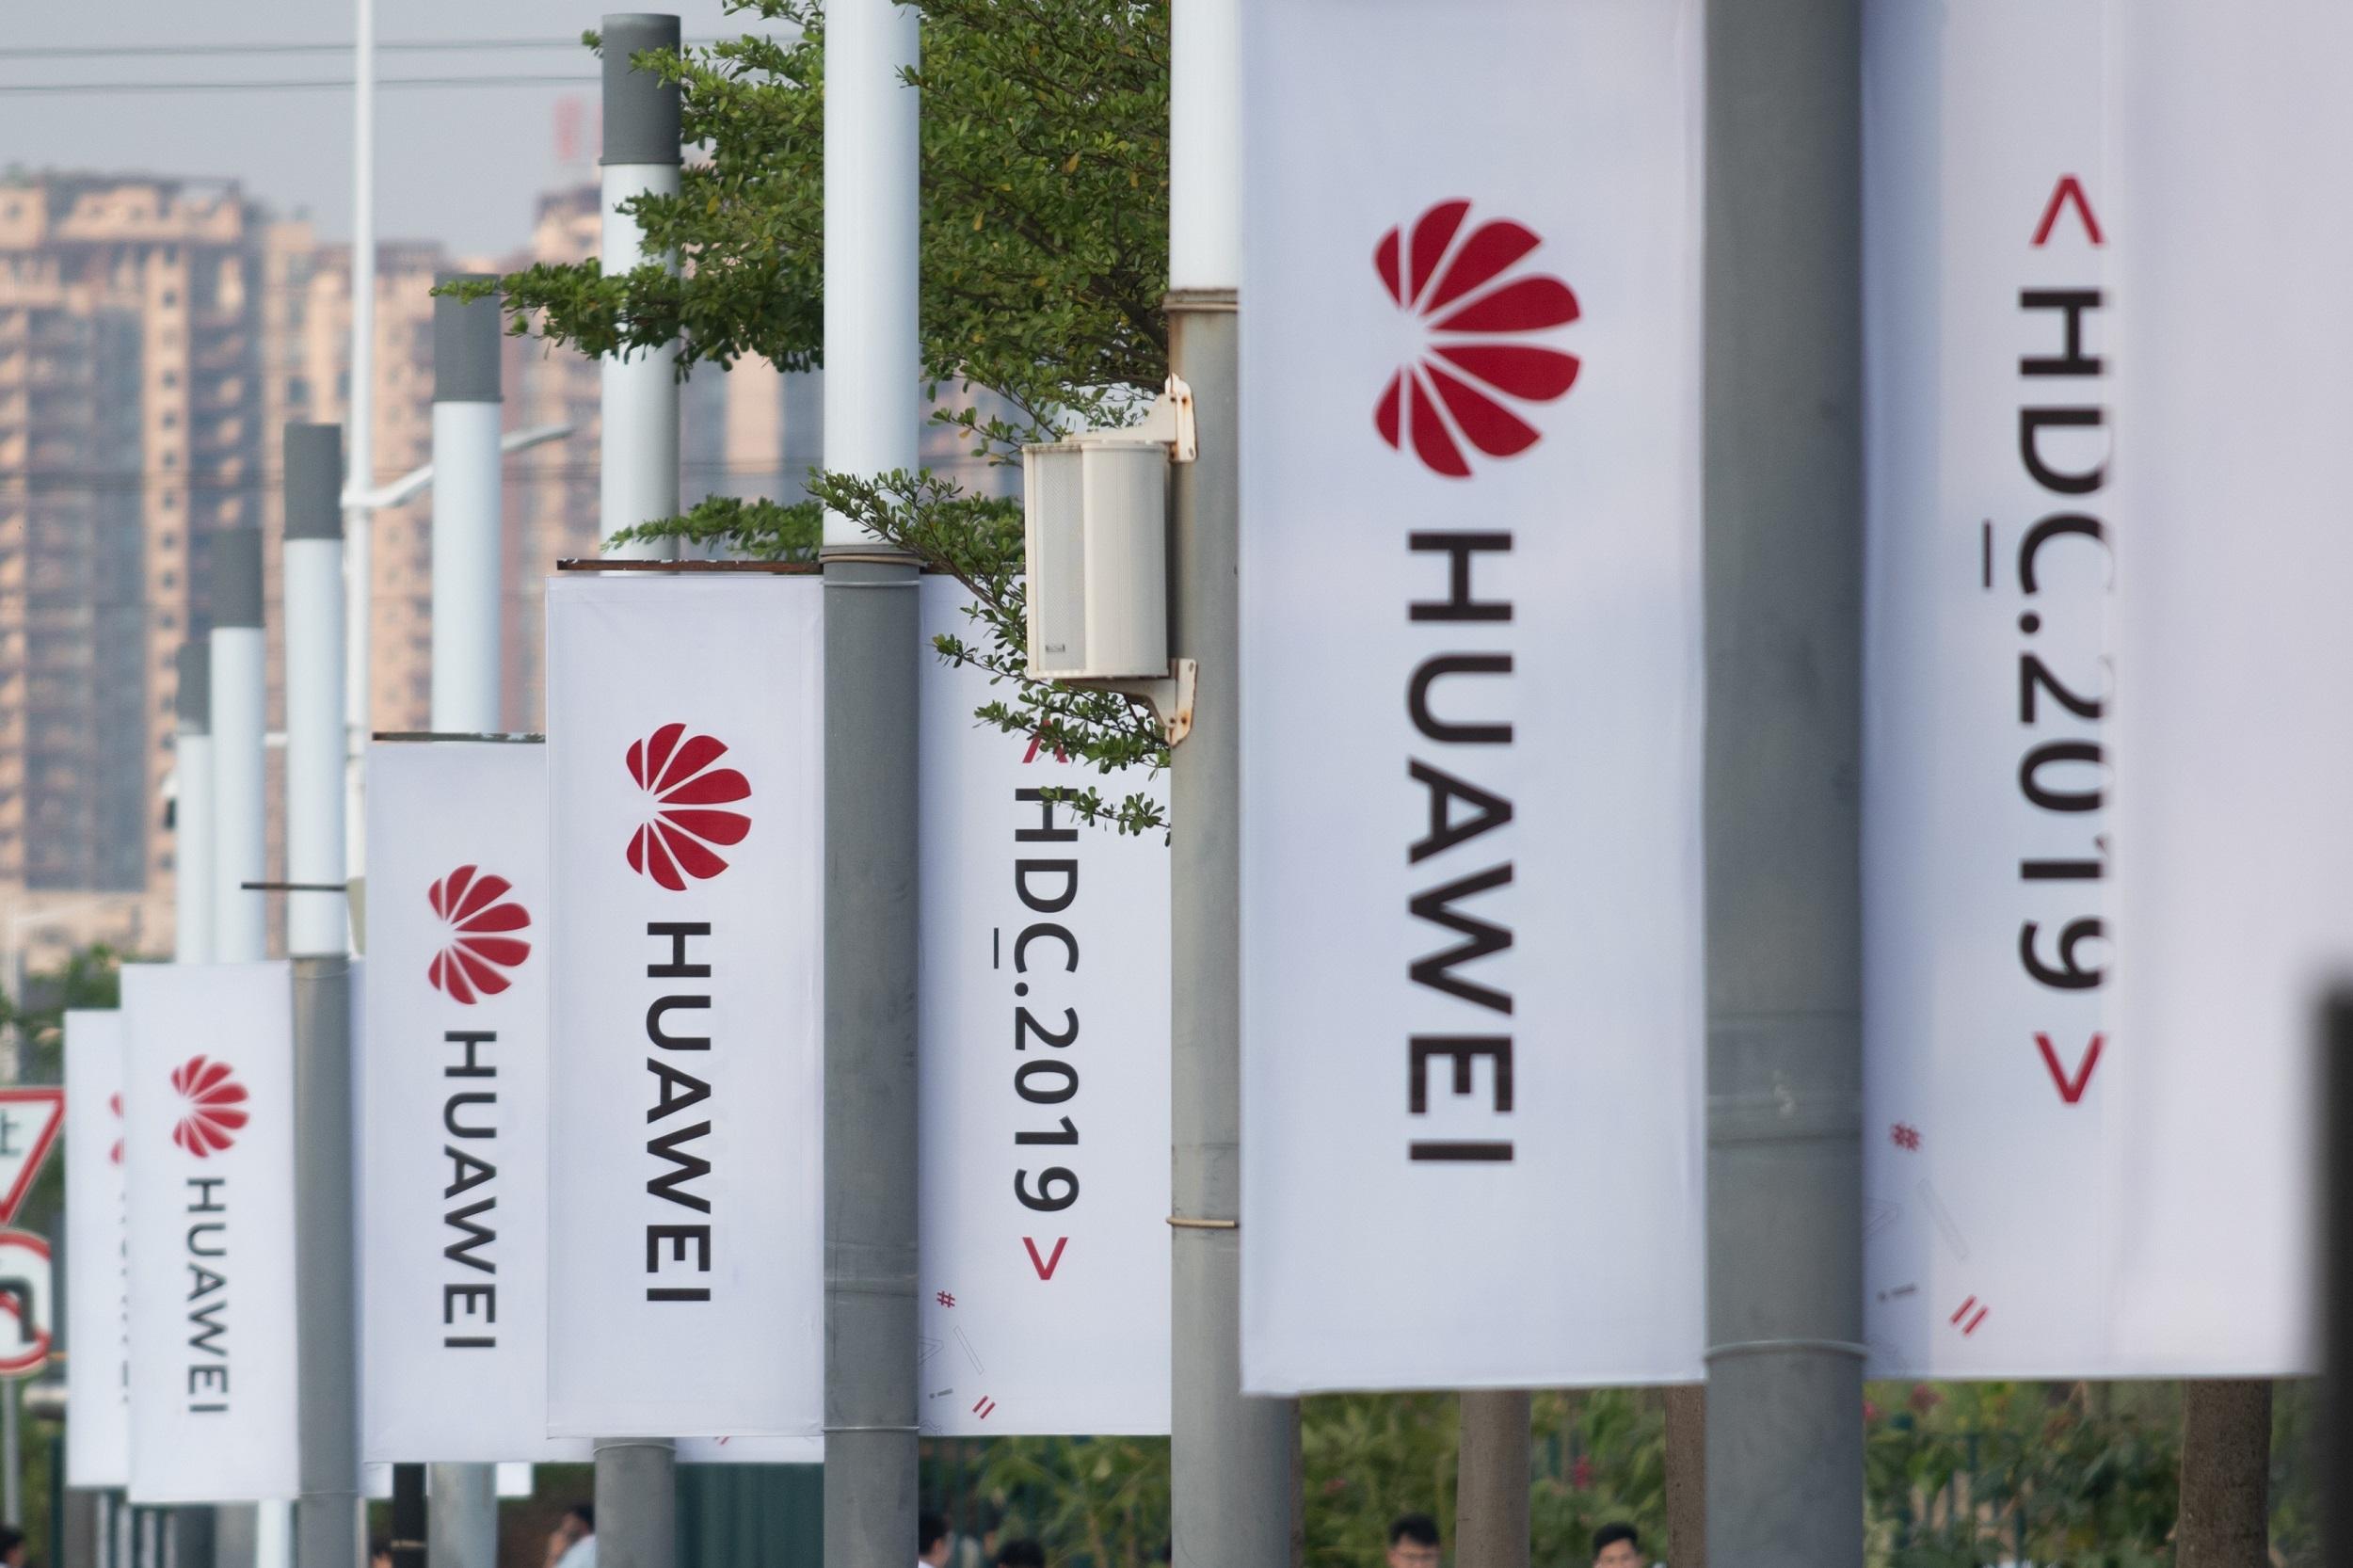 Huawei: EMUI 11 phones Harmony OS 2.0